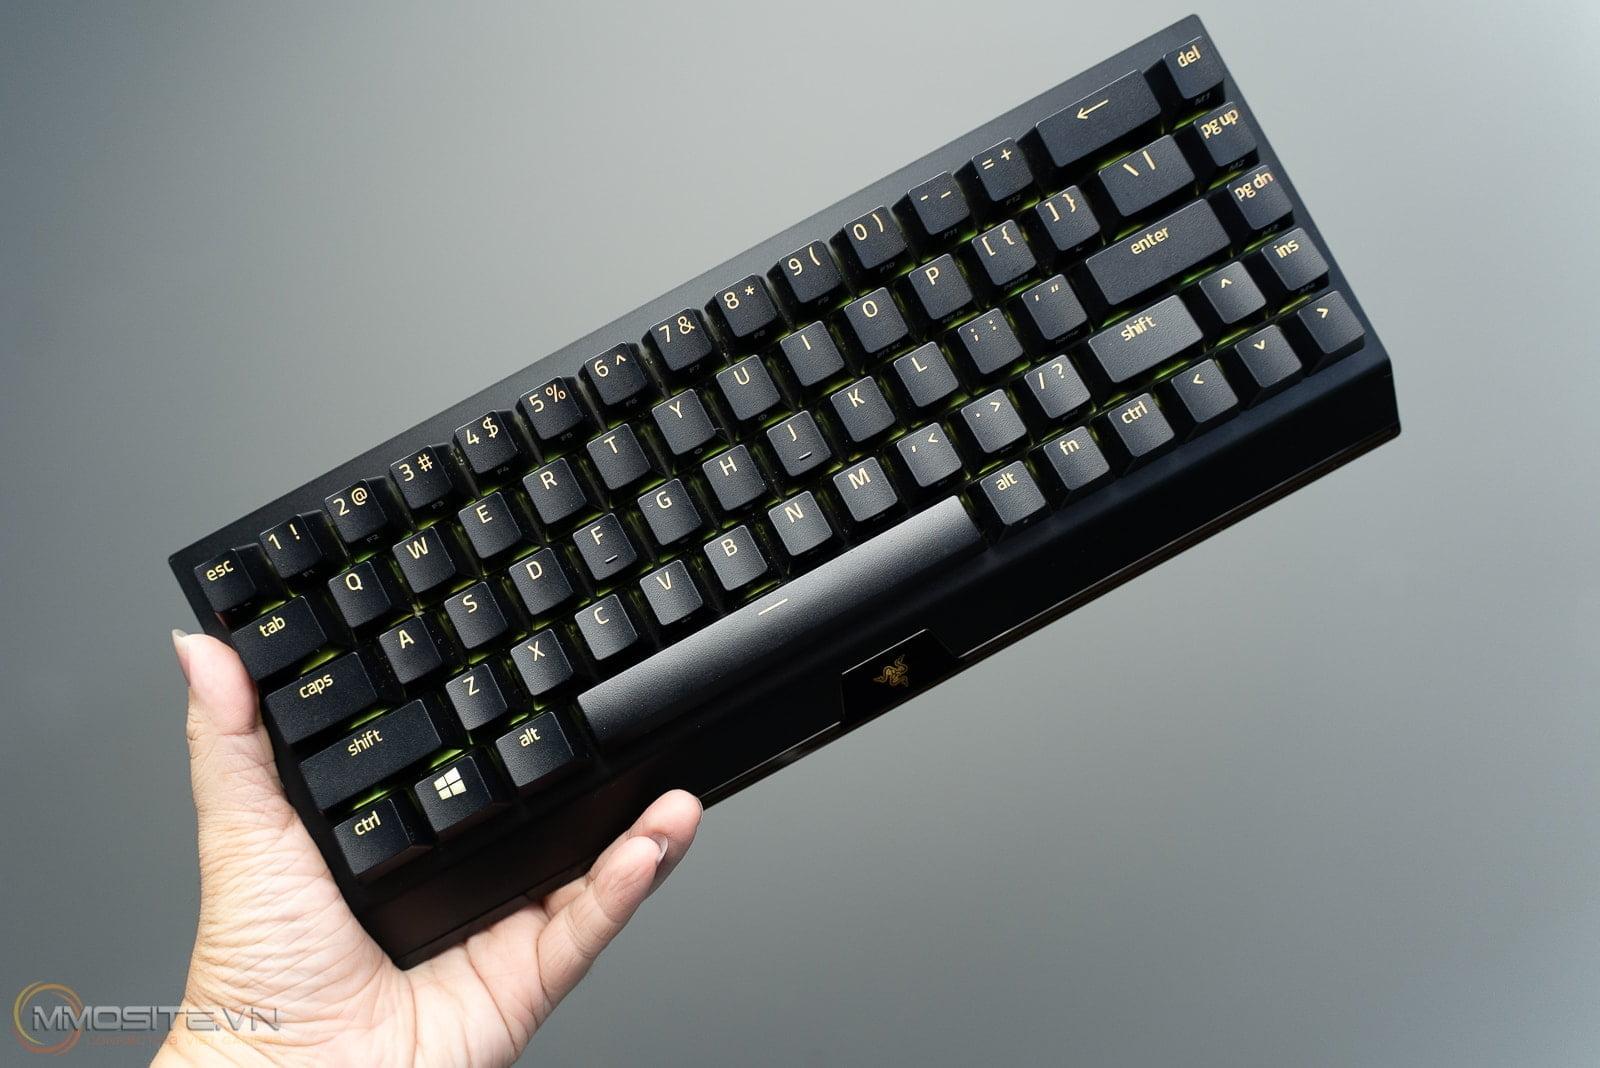 Đánh giá bàn phím Razer BlackWidow V3 Mini HyperSpeed: sang, xịn, gọn nhẹ